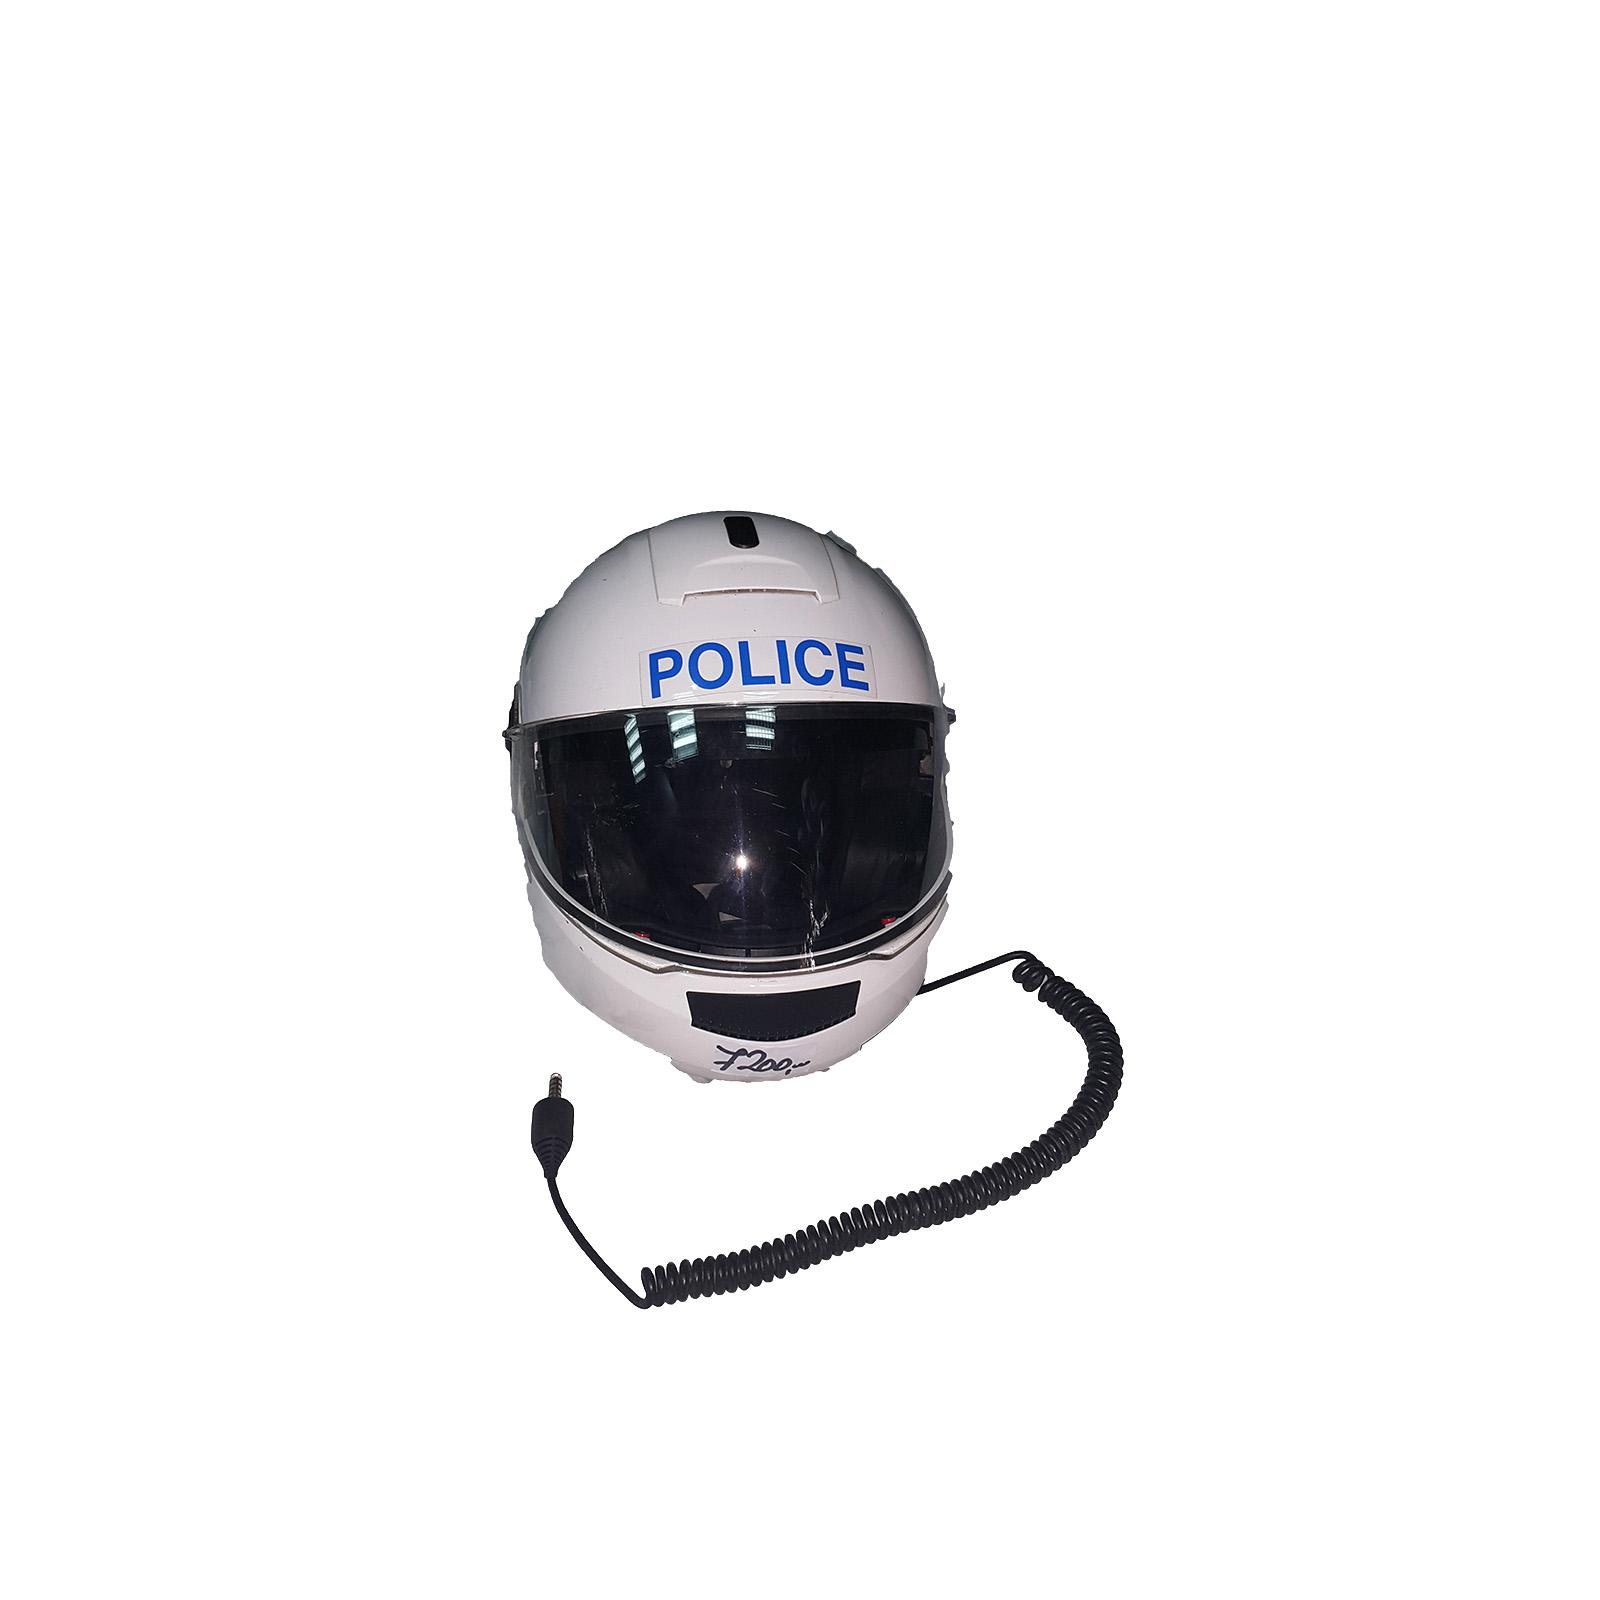 Policiska moto kaciga sa slušalicama i mikrofonom